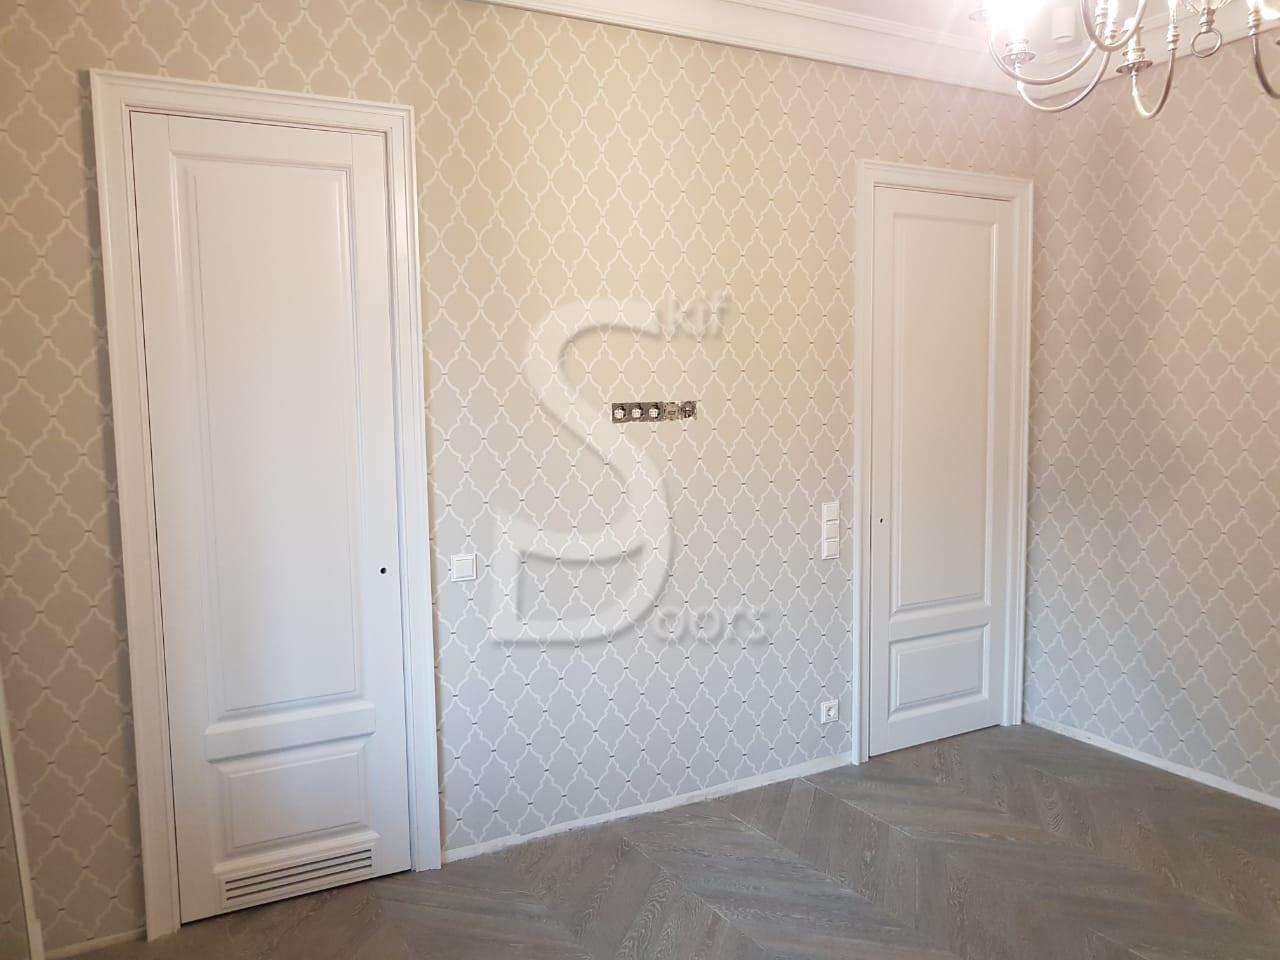 Doors 2019-2020 (11)